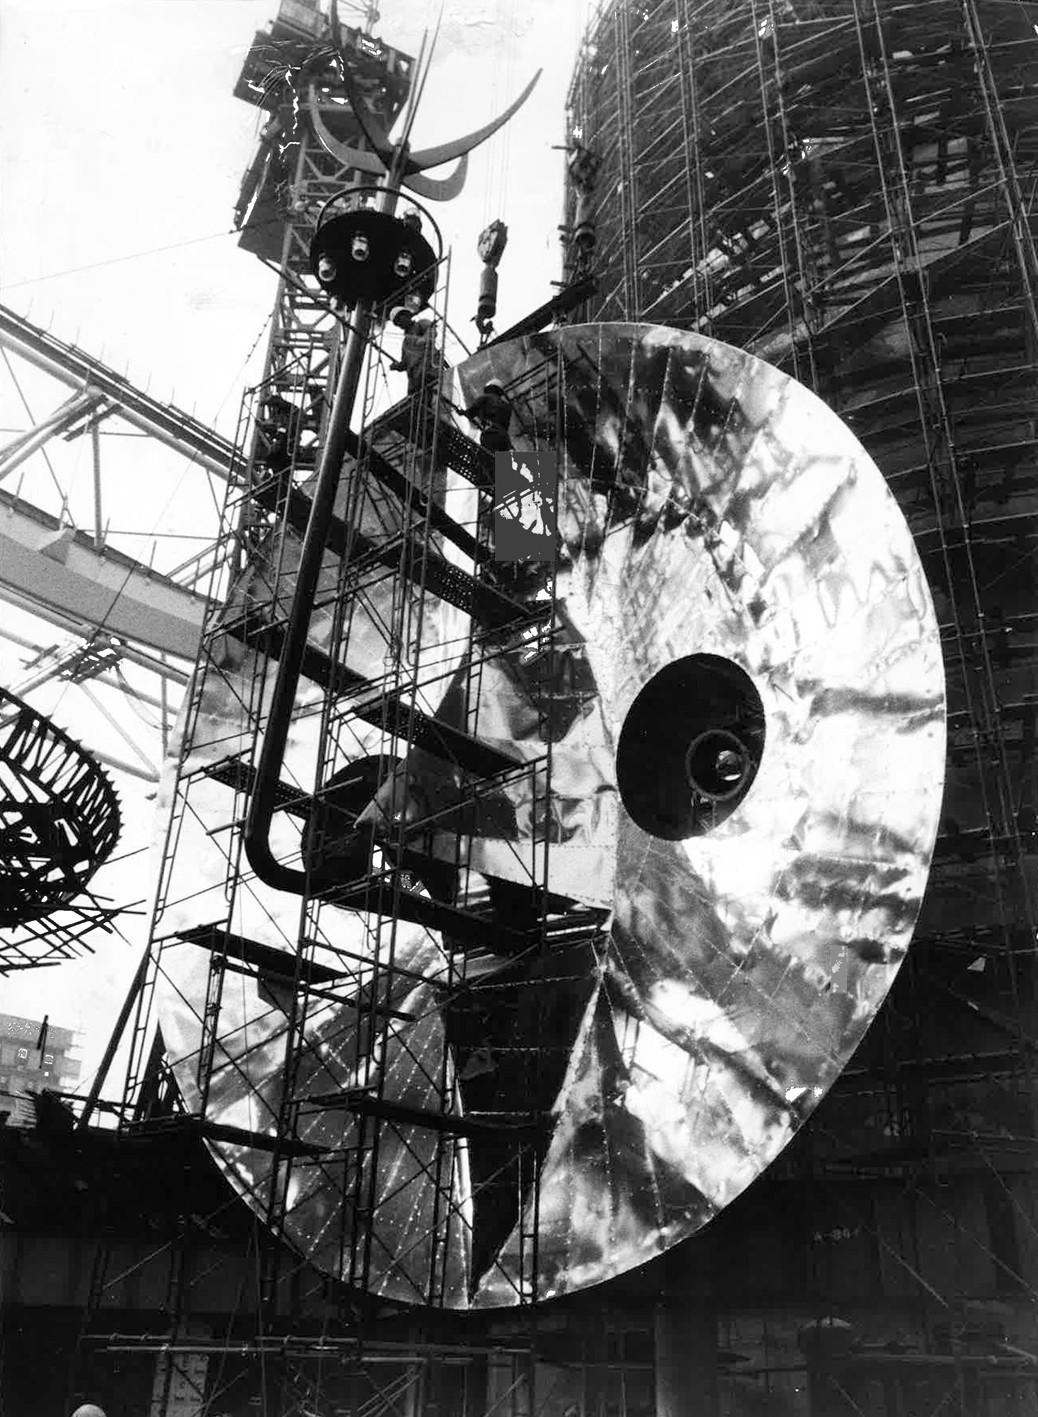 企画展「太陽の塔 1967 ー 2018 ー岡本太郎が問いかけたものー」が開催中